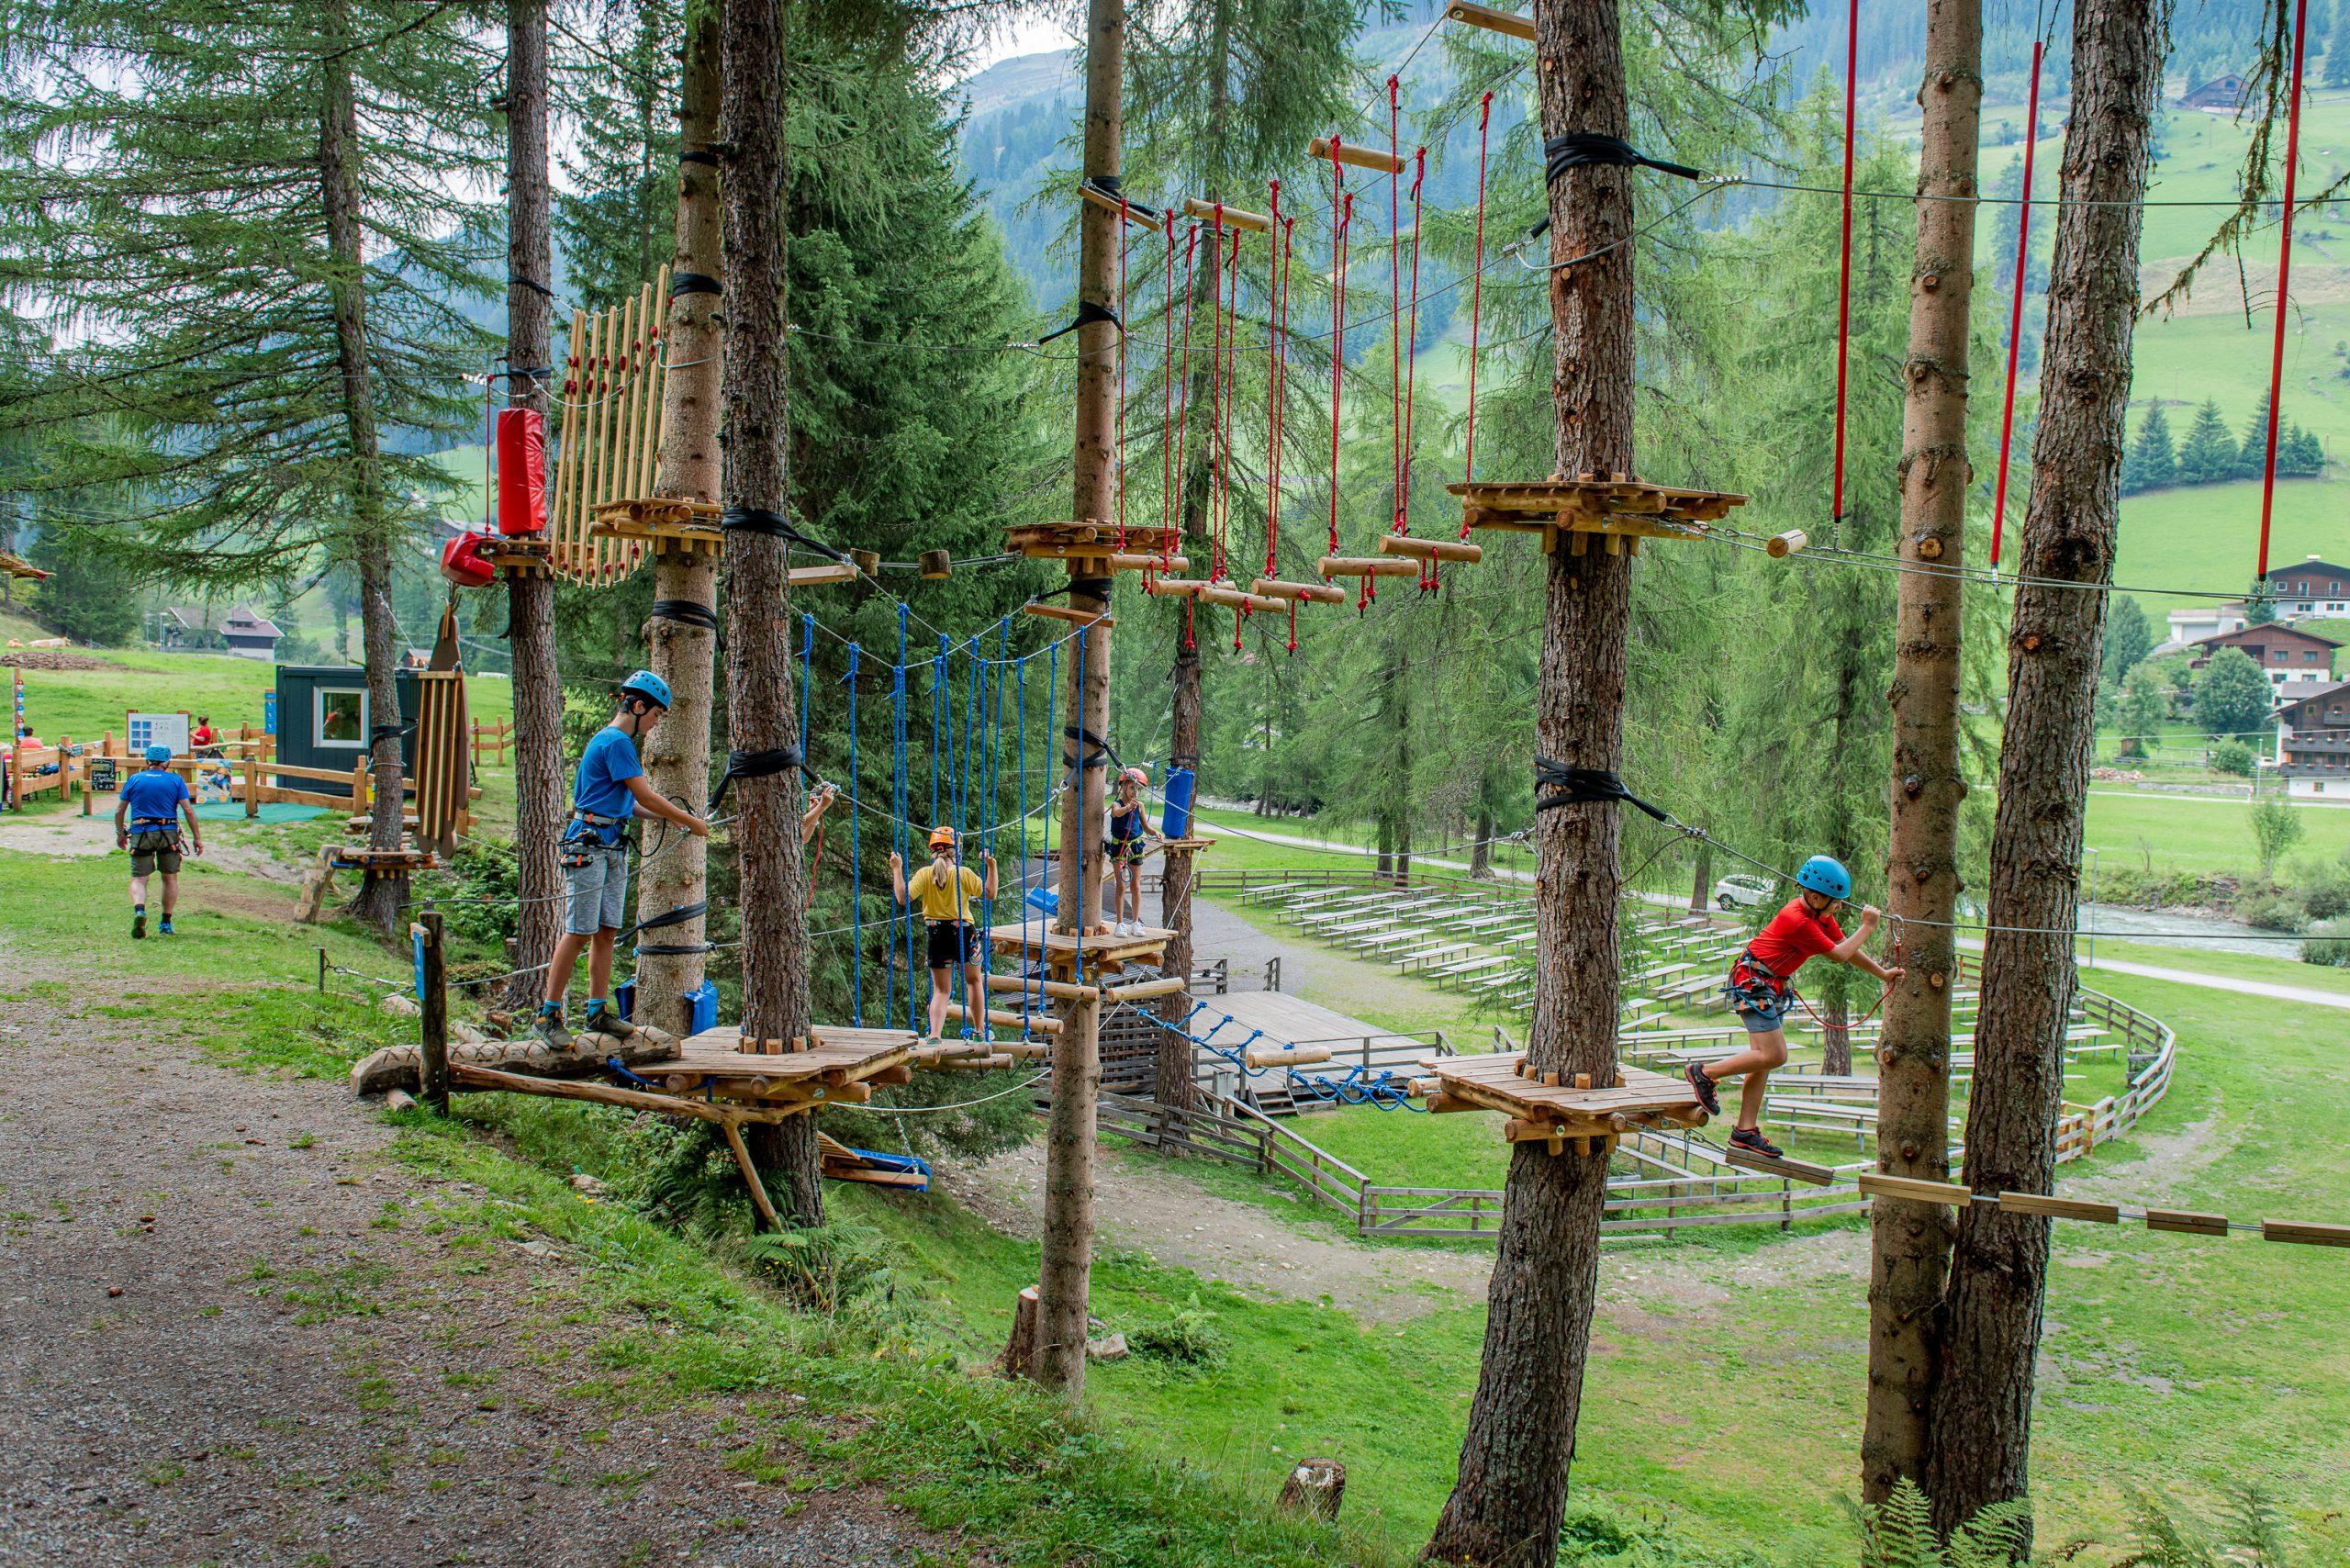 Zábava a dobrodruzi pro celou rodinu - v horolezeckém parku ve východním Tyrolsku